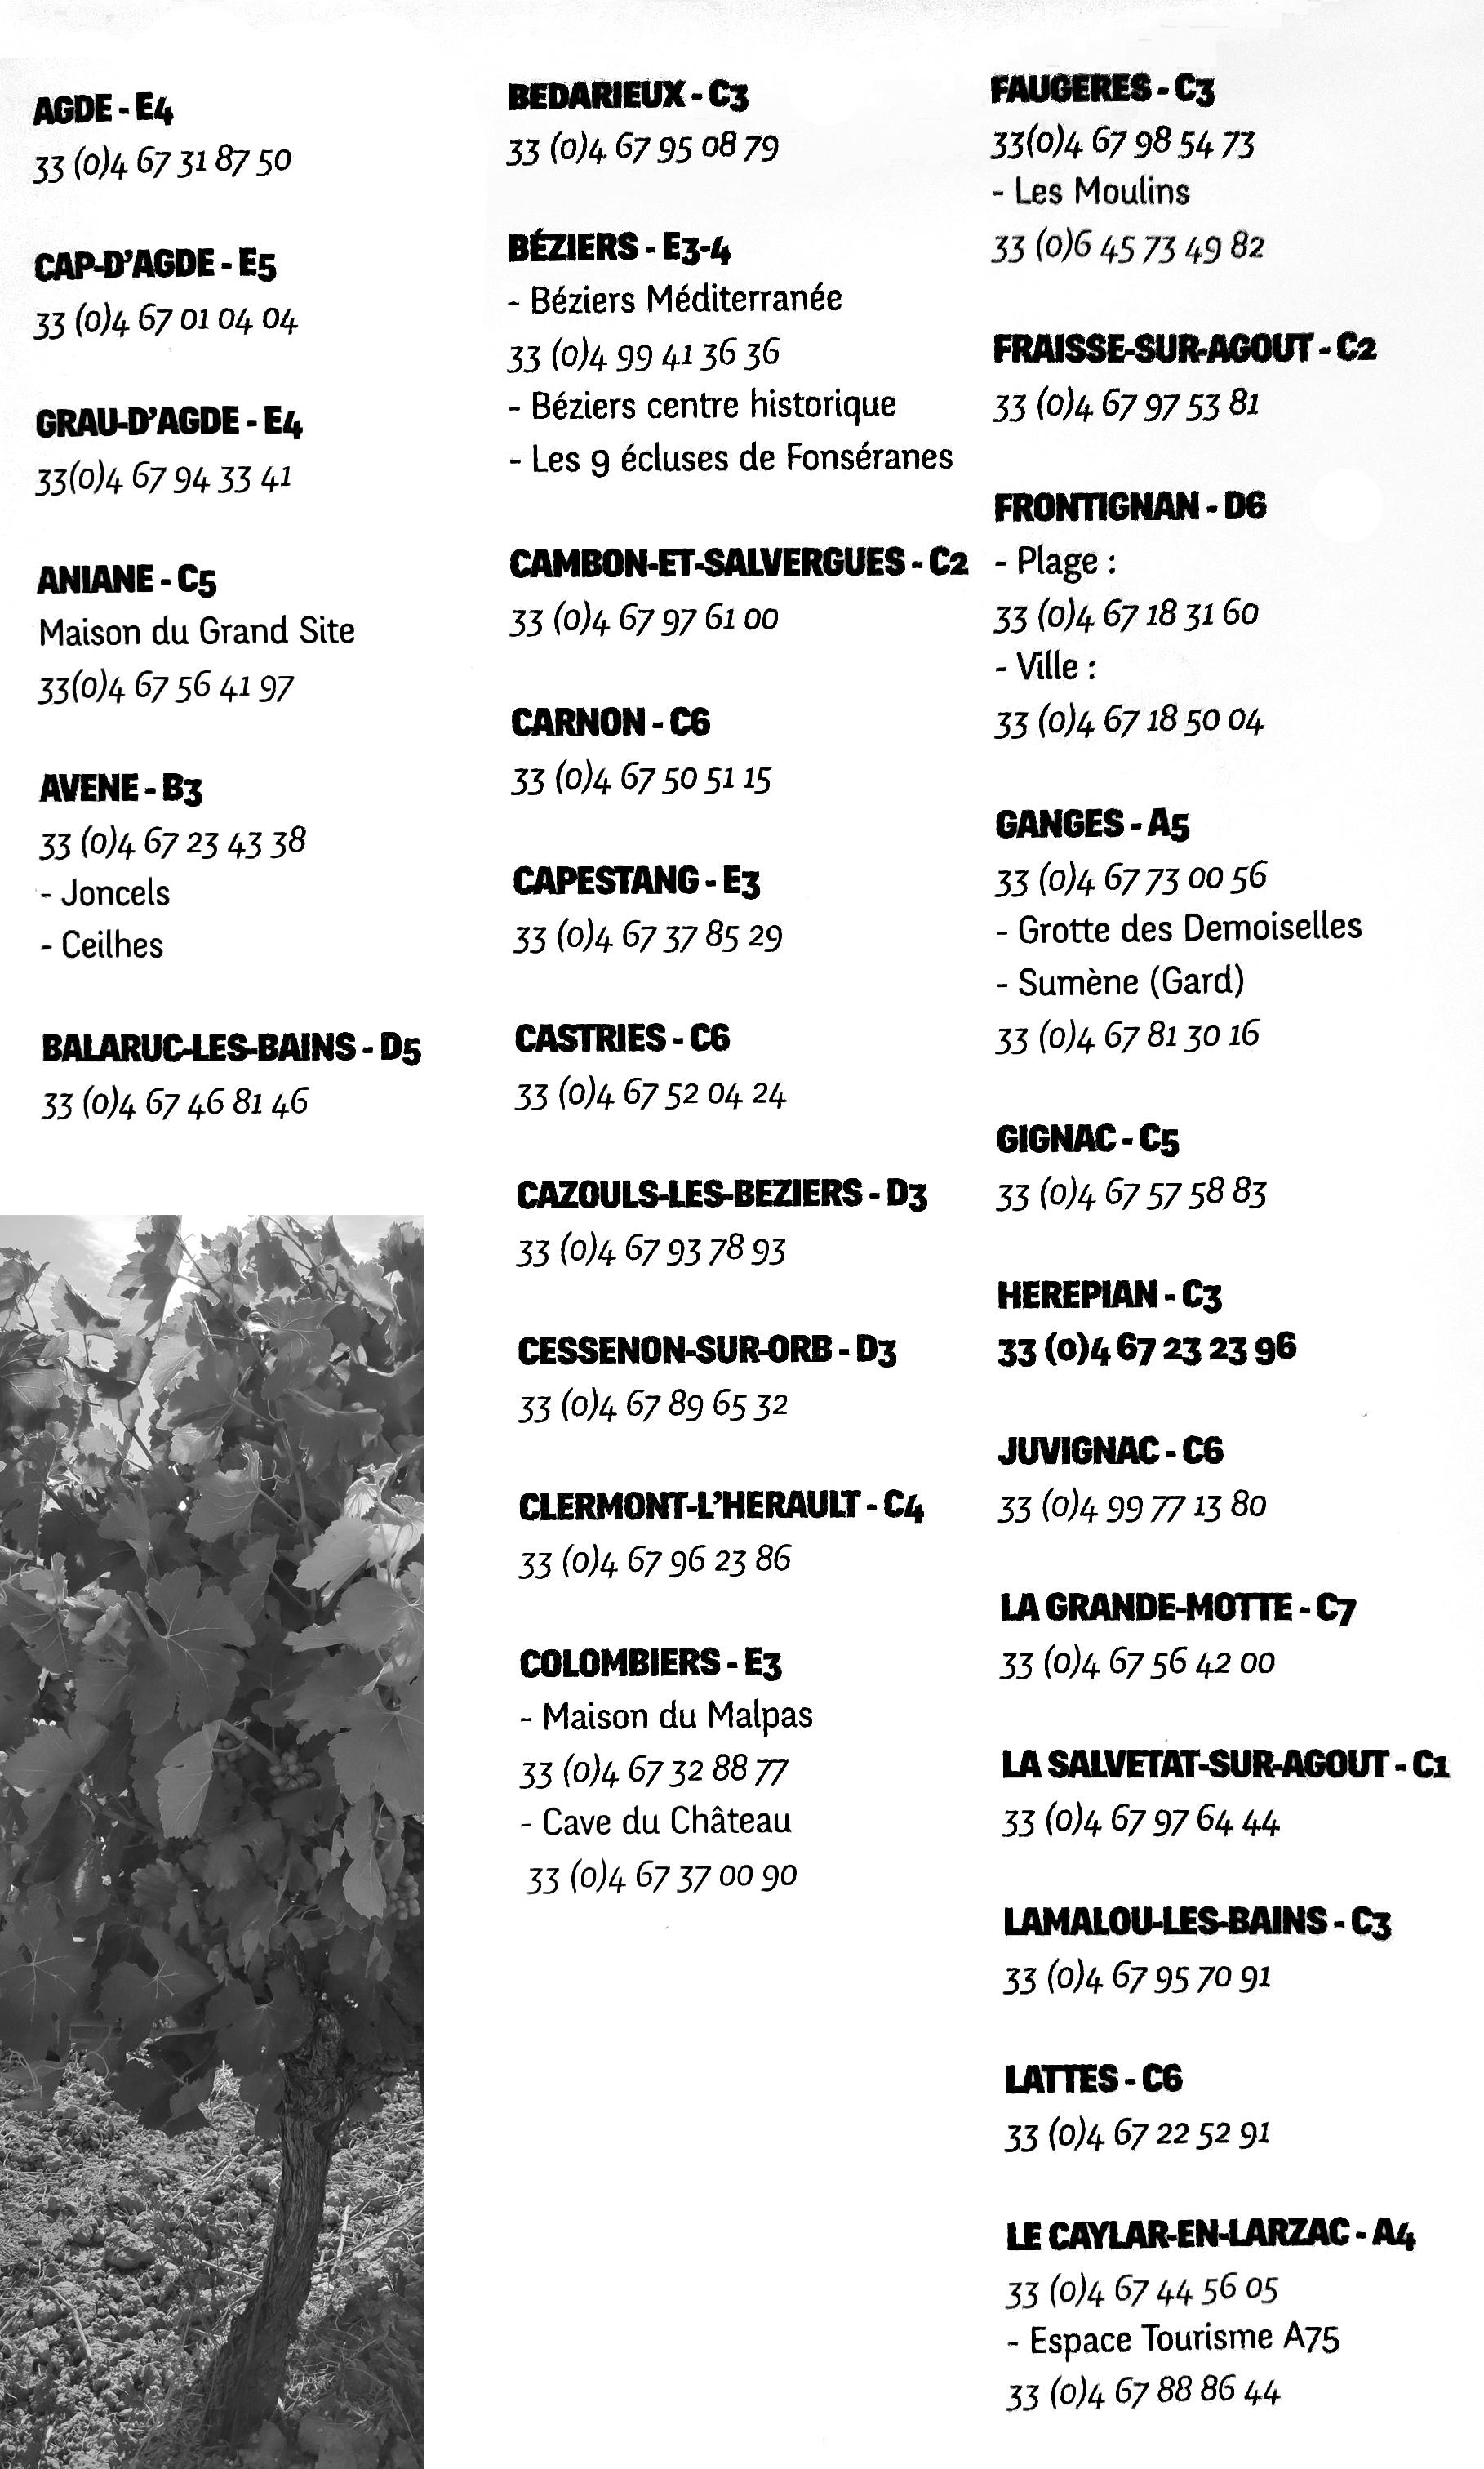 De beste tips voor Languedoc te bezoeken. Alle VVV kantoren van de Languedoc